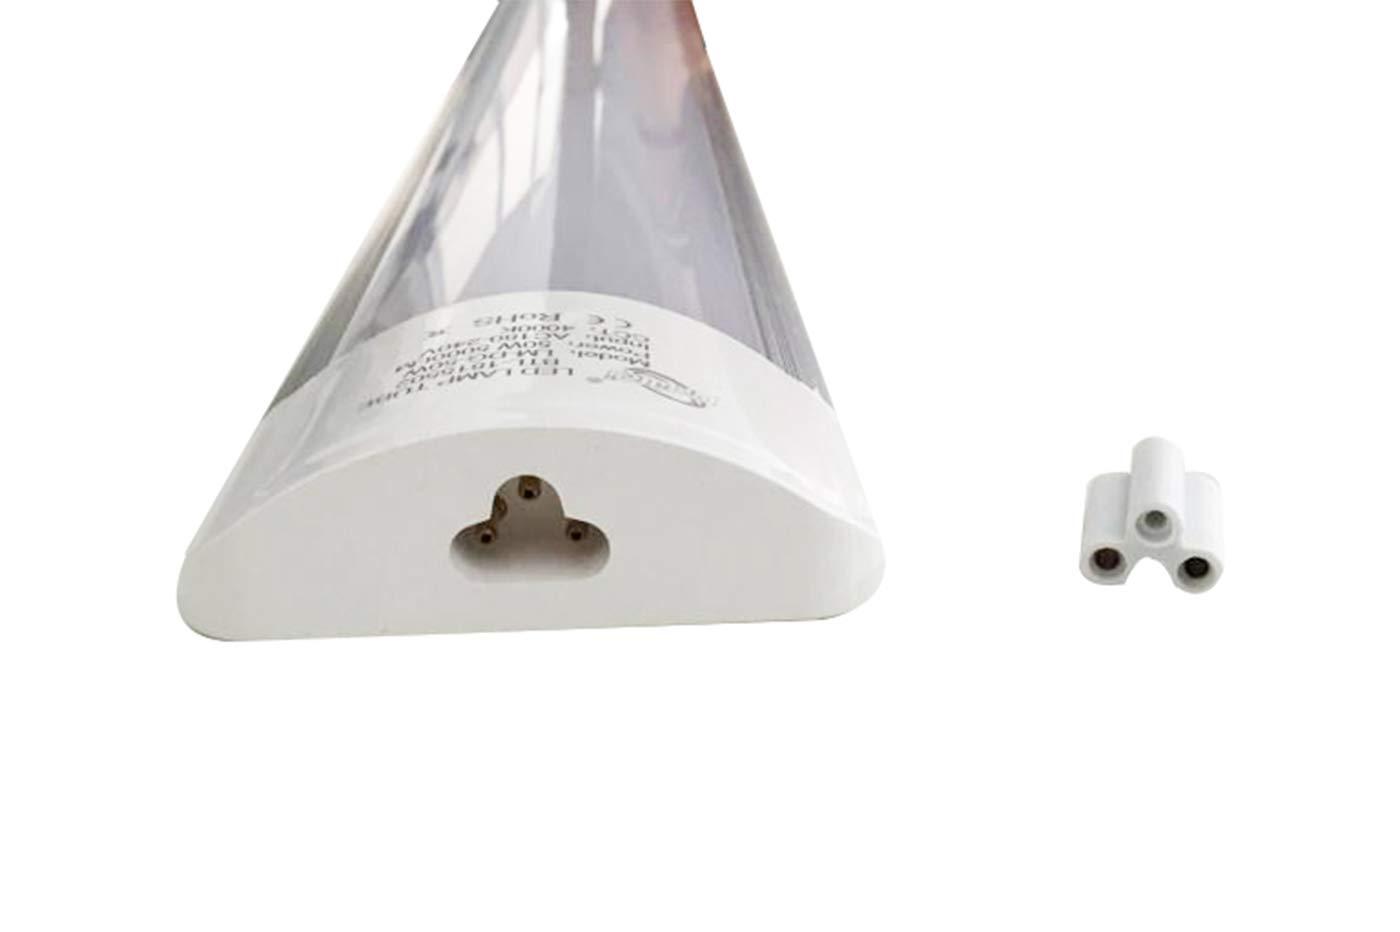 Plafoniera Led Luce Fredda : Plafoniera led 20w watt luce fredda 60cm slim smd soffitto 220v